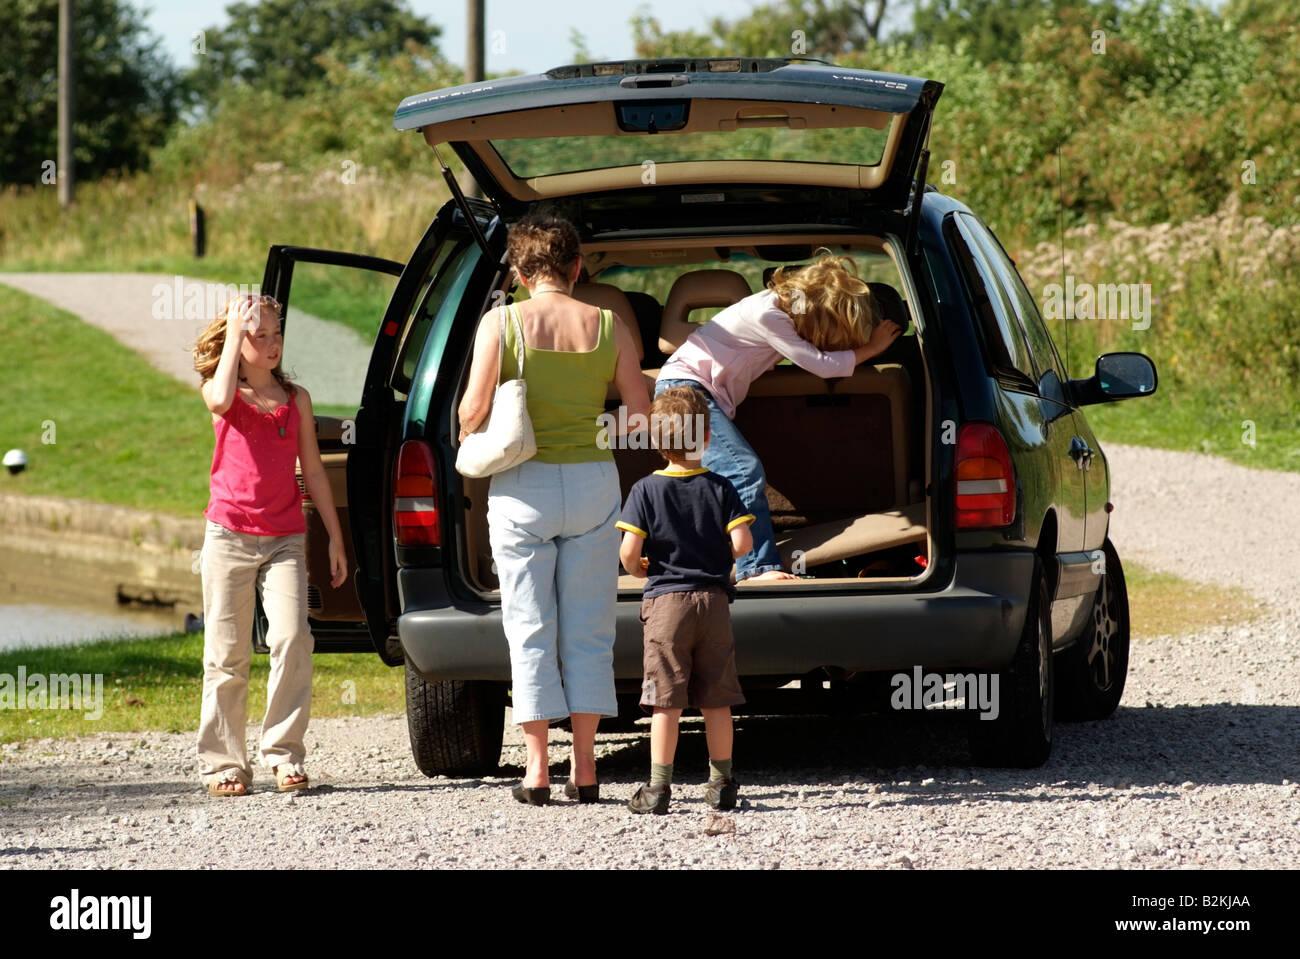 Journée en famille avec les enfants dans un véhicule monospace Photo Stock